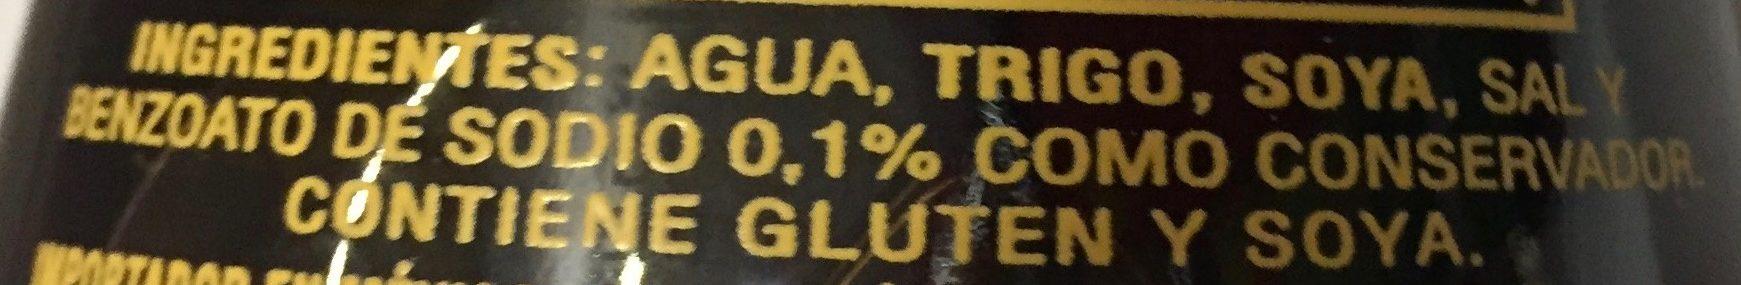 SALSA DE SOYA TRADICIONAL - Ingredients